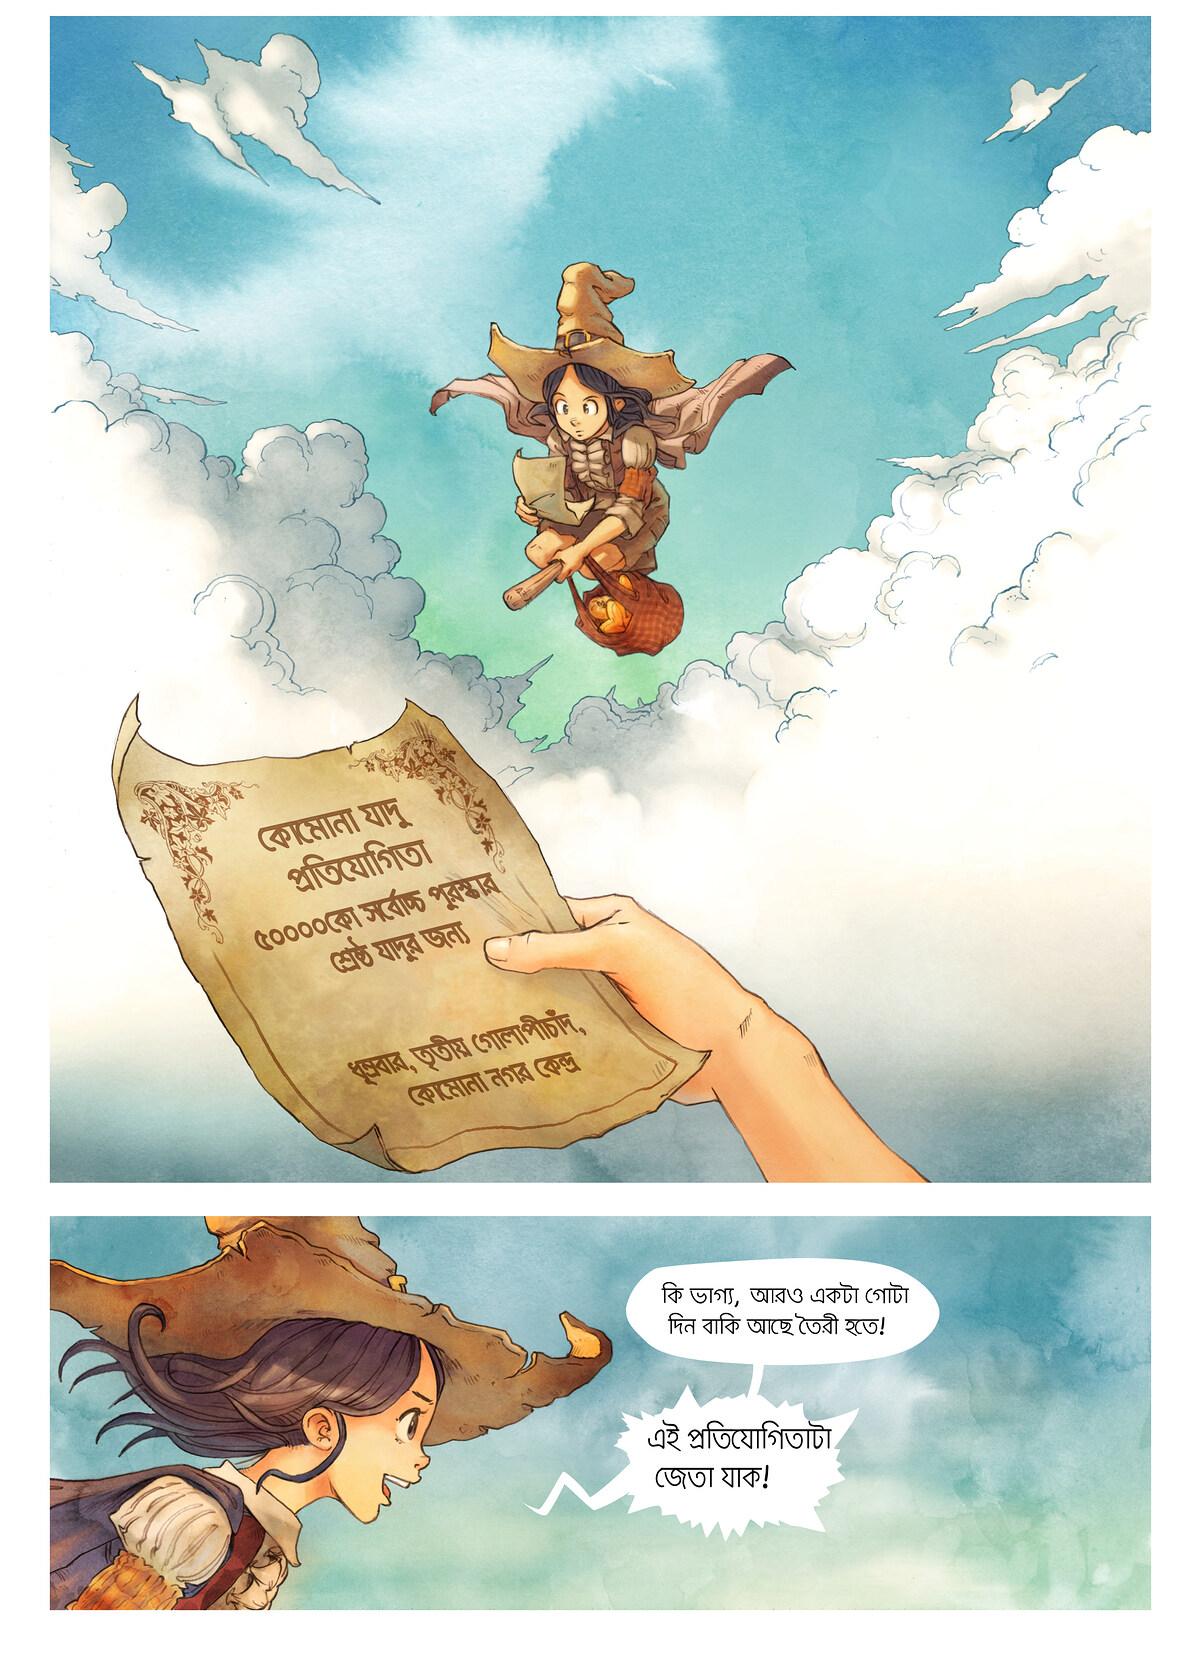 গল্প ৩: গোপন উপকরণ, Page 3